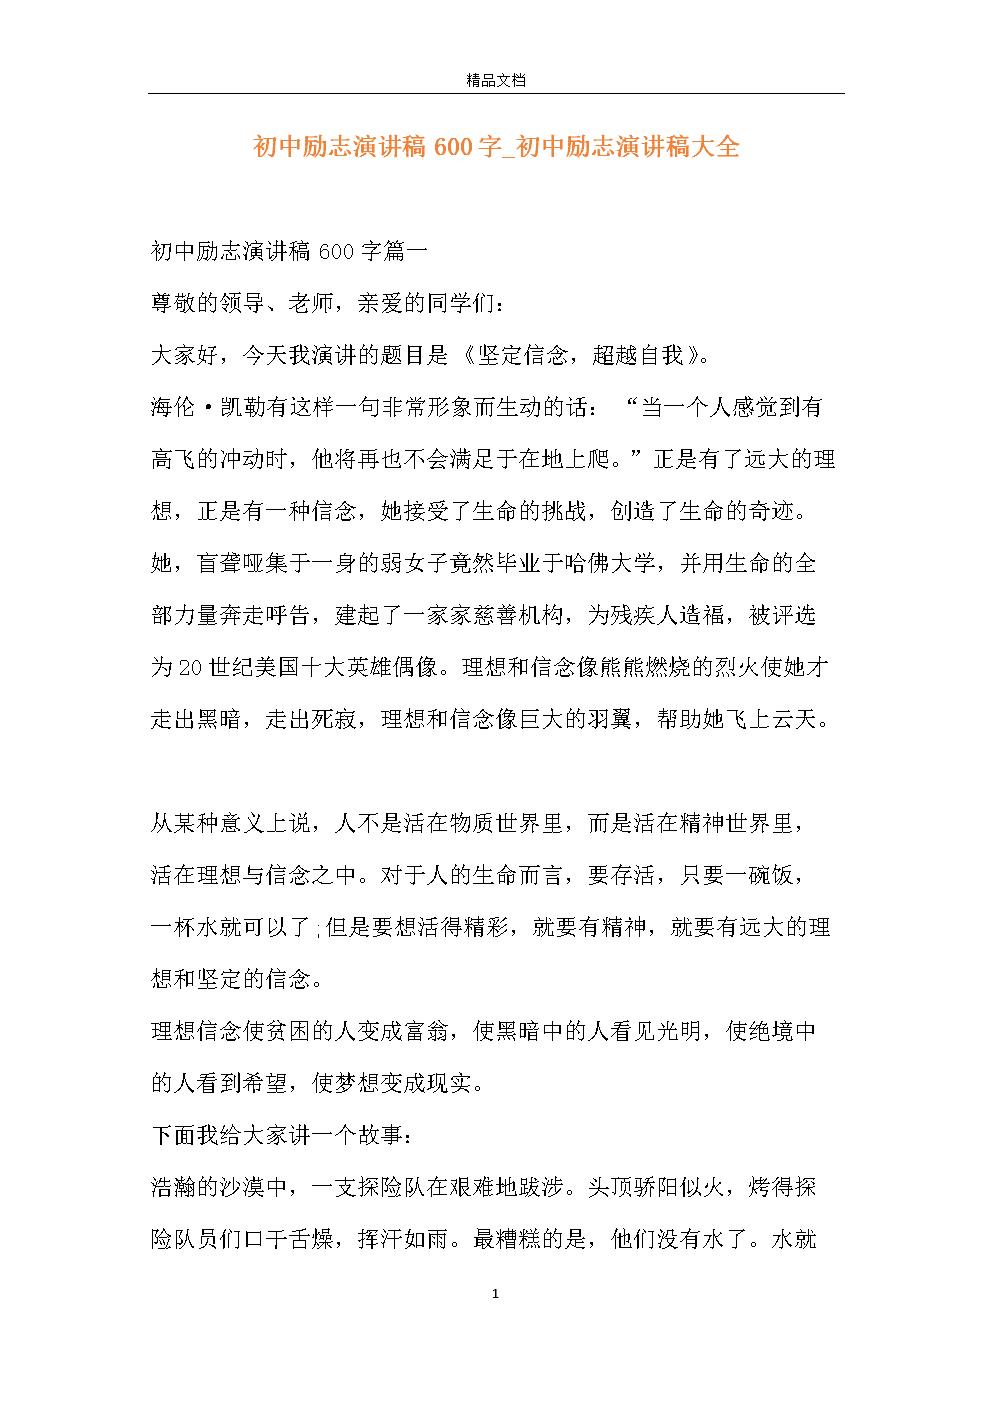 初中励志演讲稿600字_初中励志演讲稿大全.docx